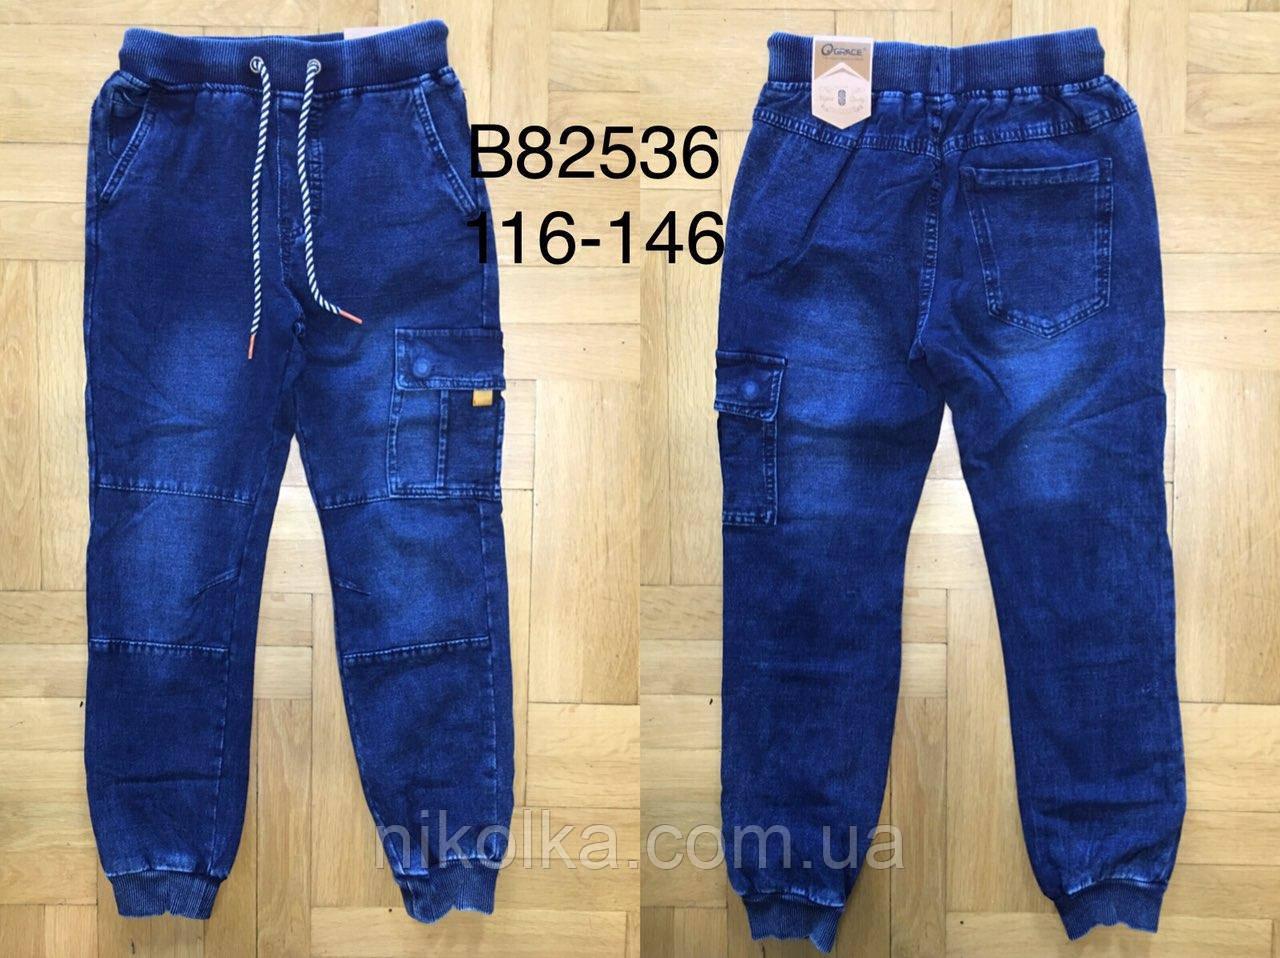 Джинсовые брюки для мальчиков оптом, Grace, 116-146 рр., арт. B82536